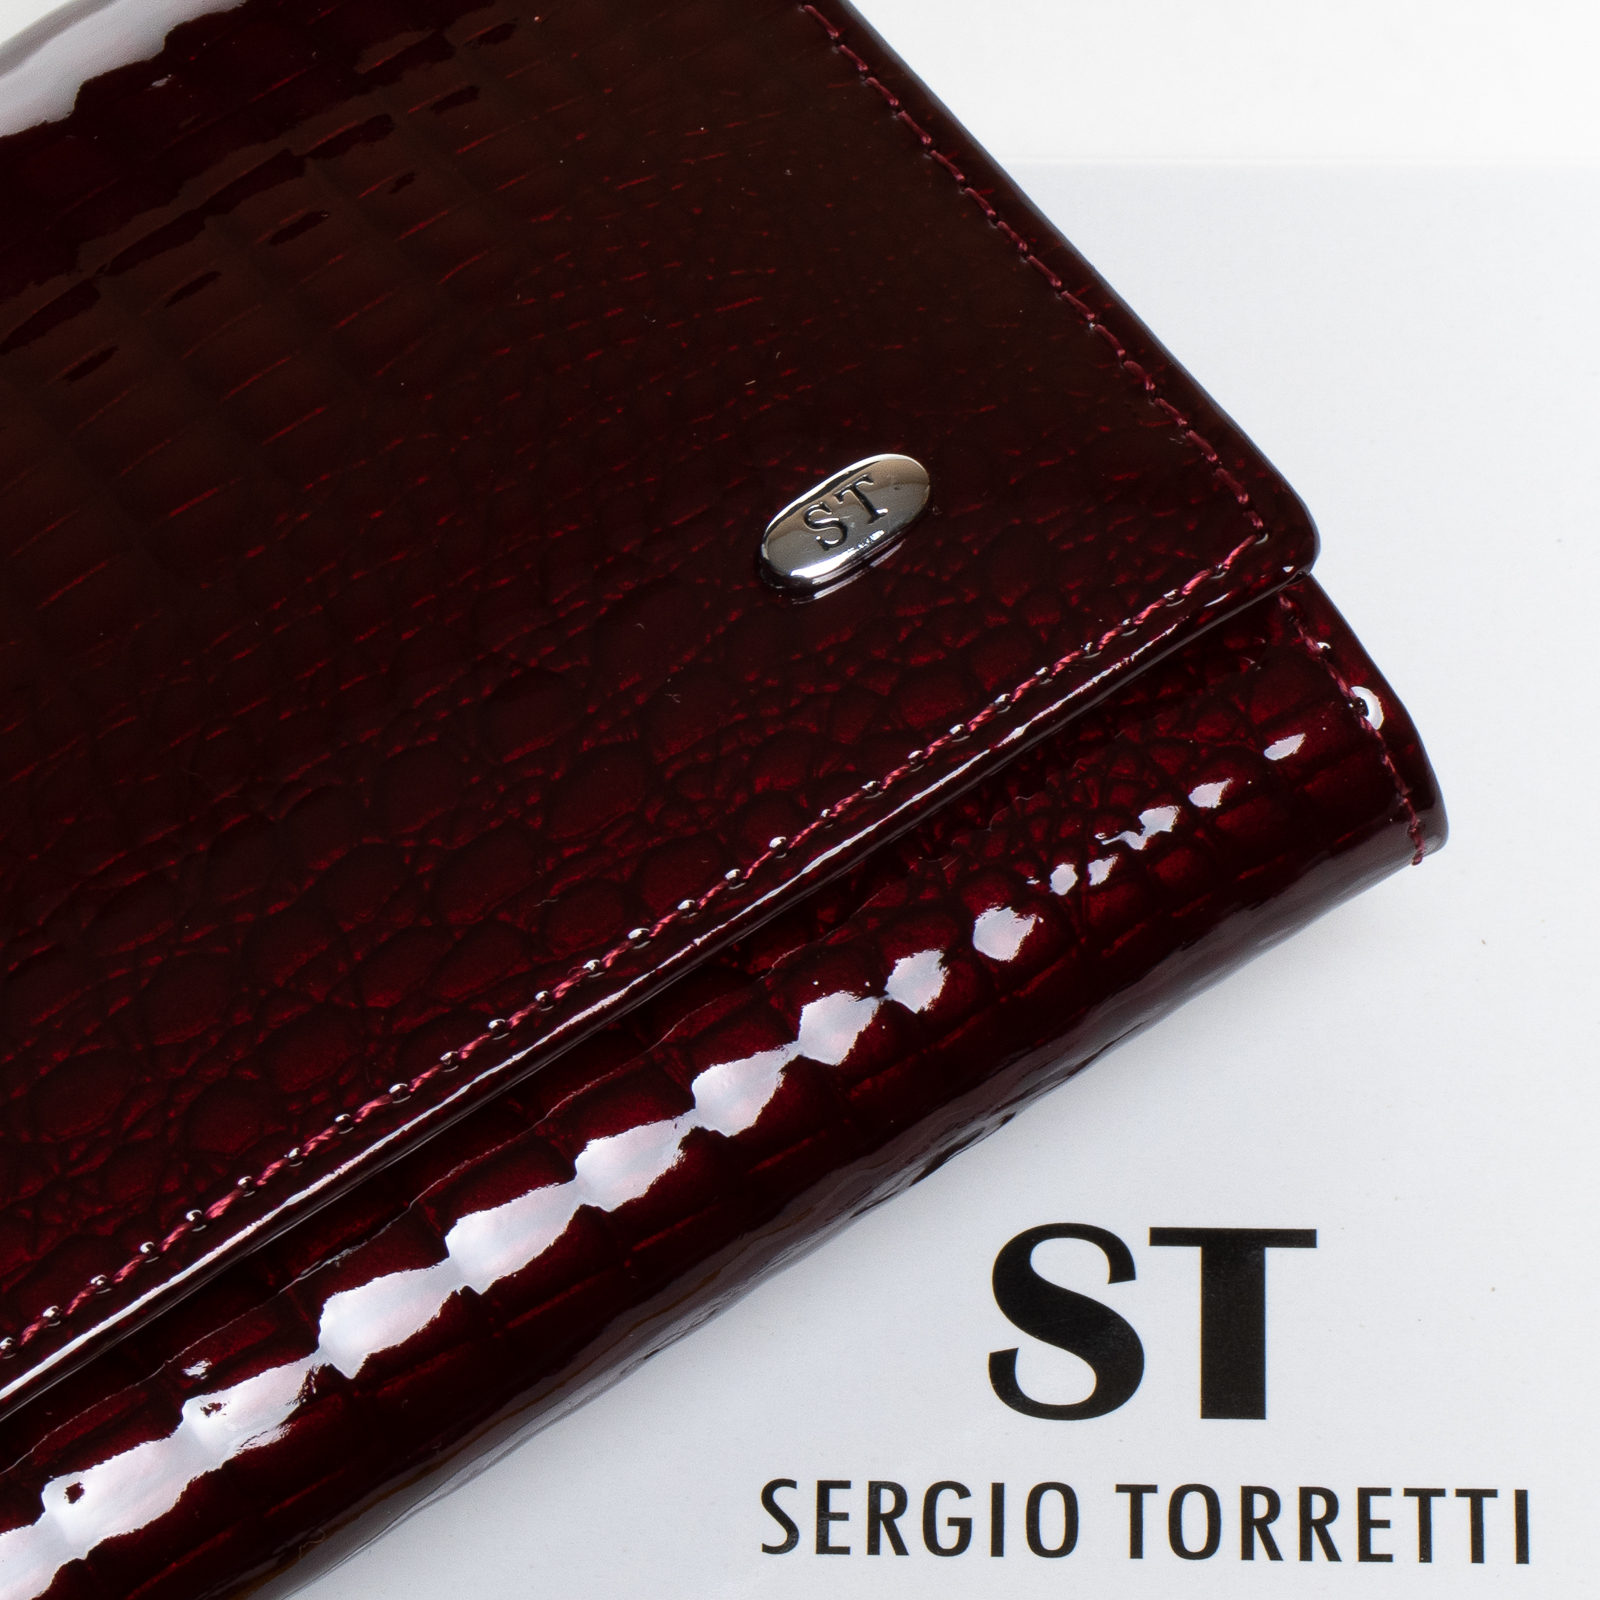 Кошелек LR кожа-лак SERGIO TORRETTI W501-2 bordo - фото 3